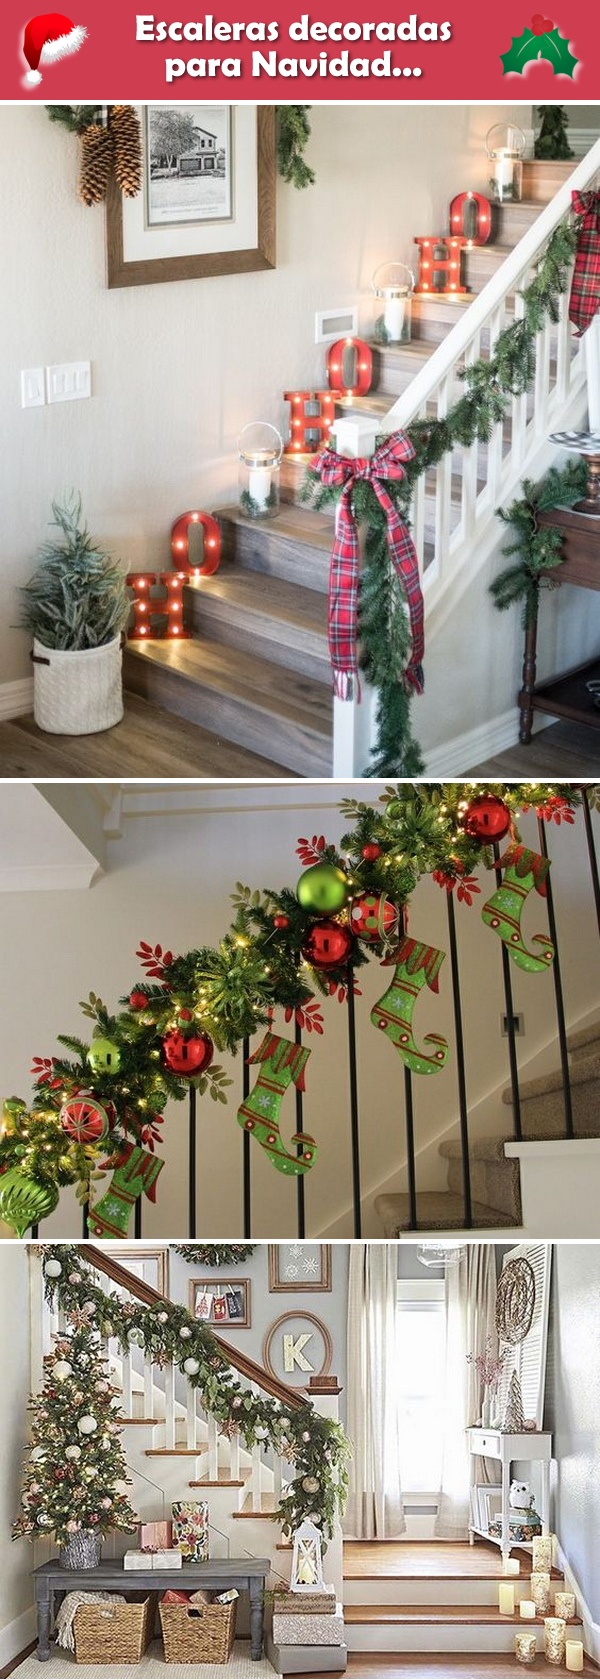 Decoración de escaleras para Navidad. Decoración navideña para escaleras.